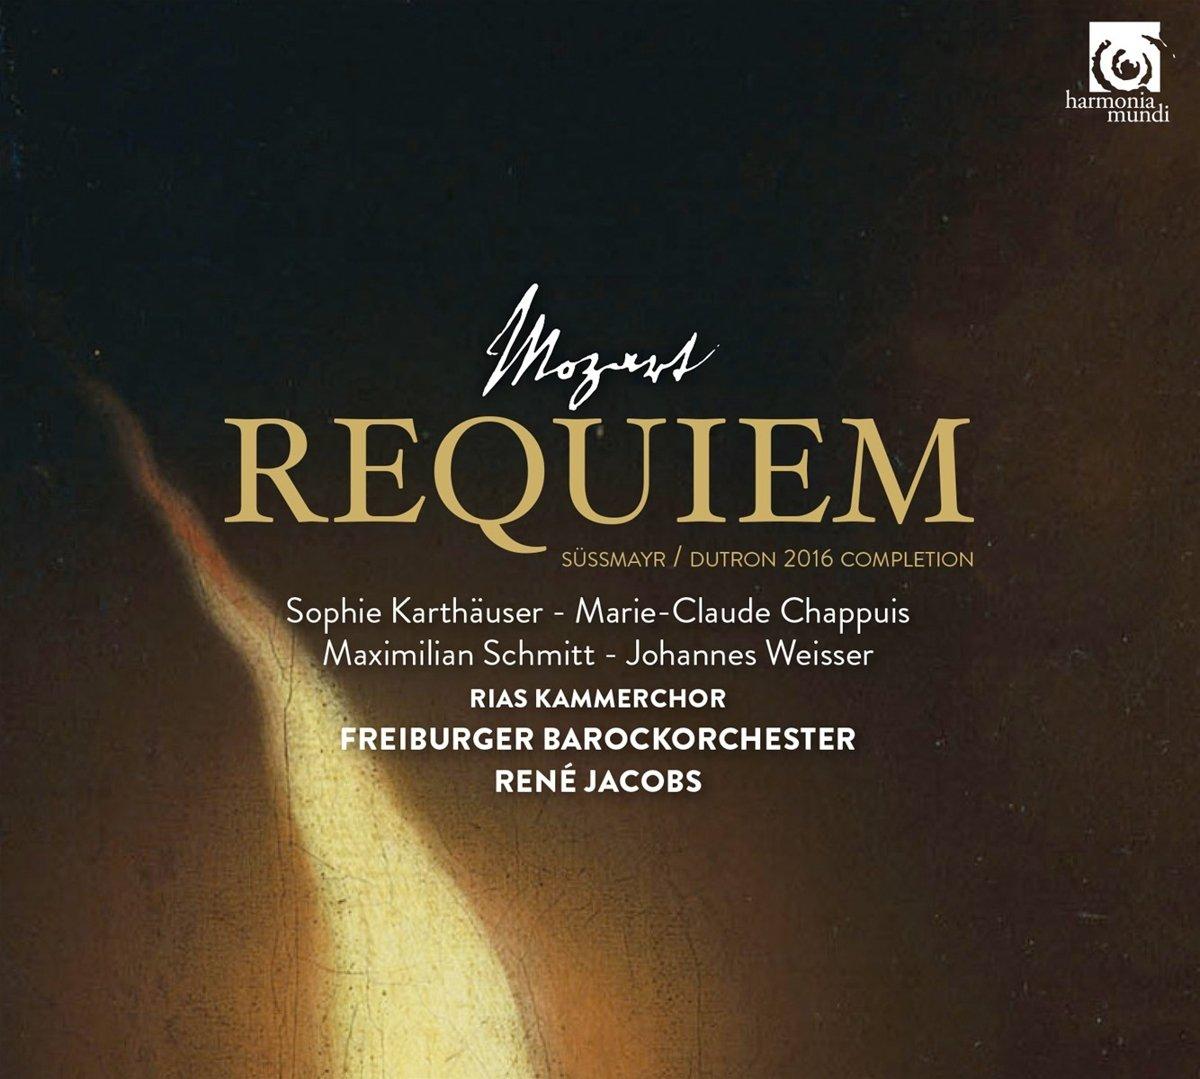 Nouvelle version du Requiem de Mozart dirigé par Jacobs 71W0e7KS1VL._SL1200_